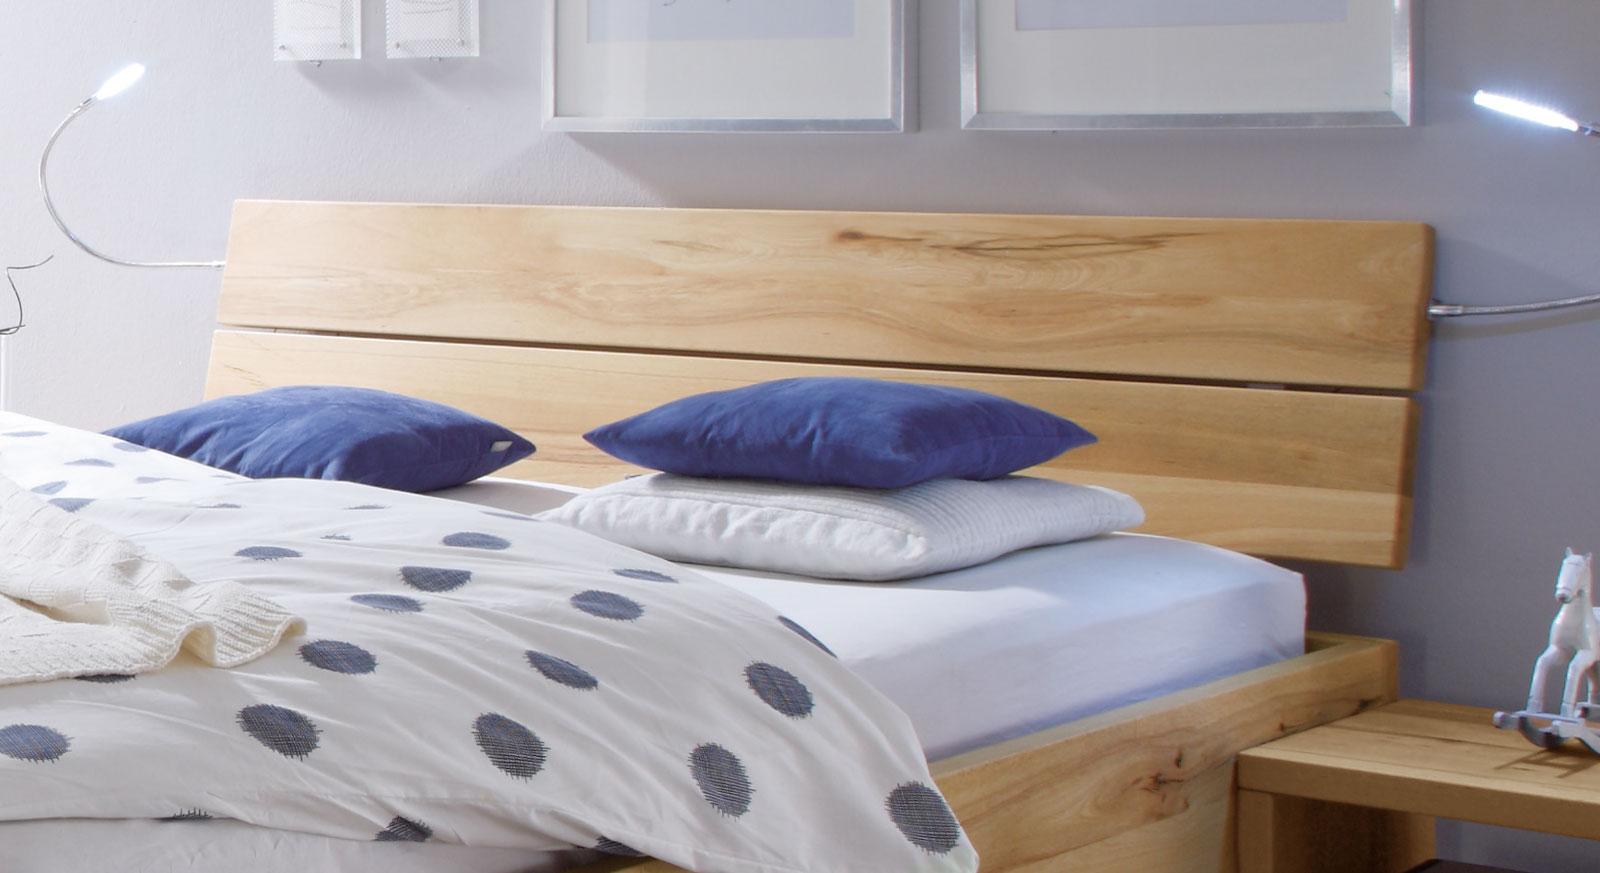 Bett Merubo aus Wildbuche inklusive Kopfteil zum Anlehnen